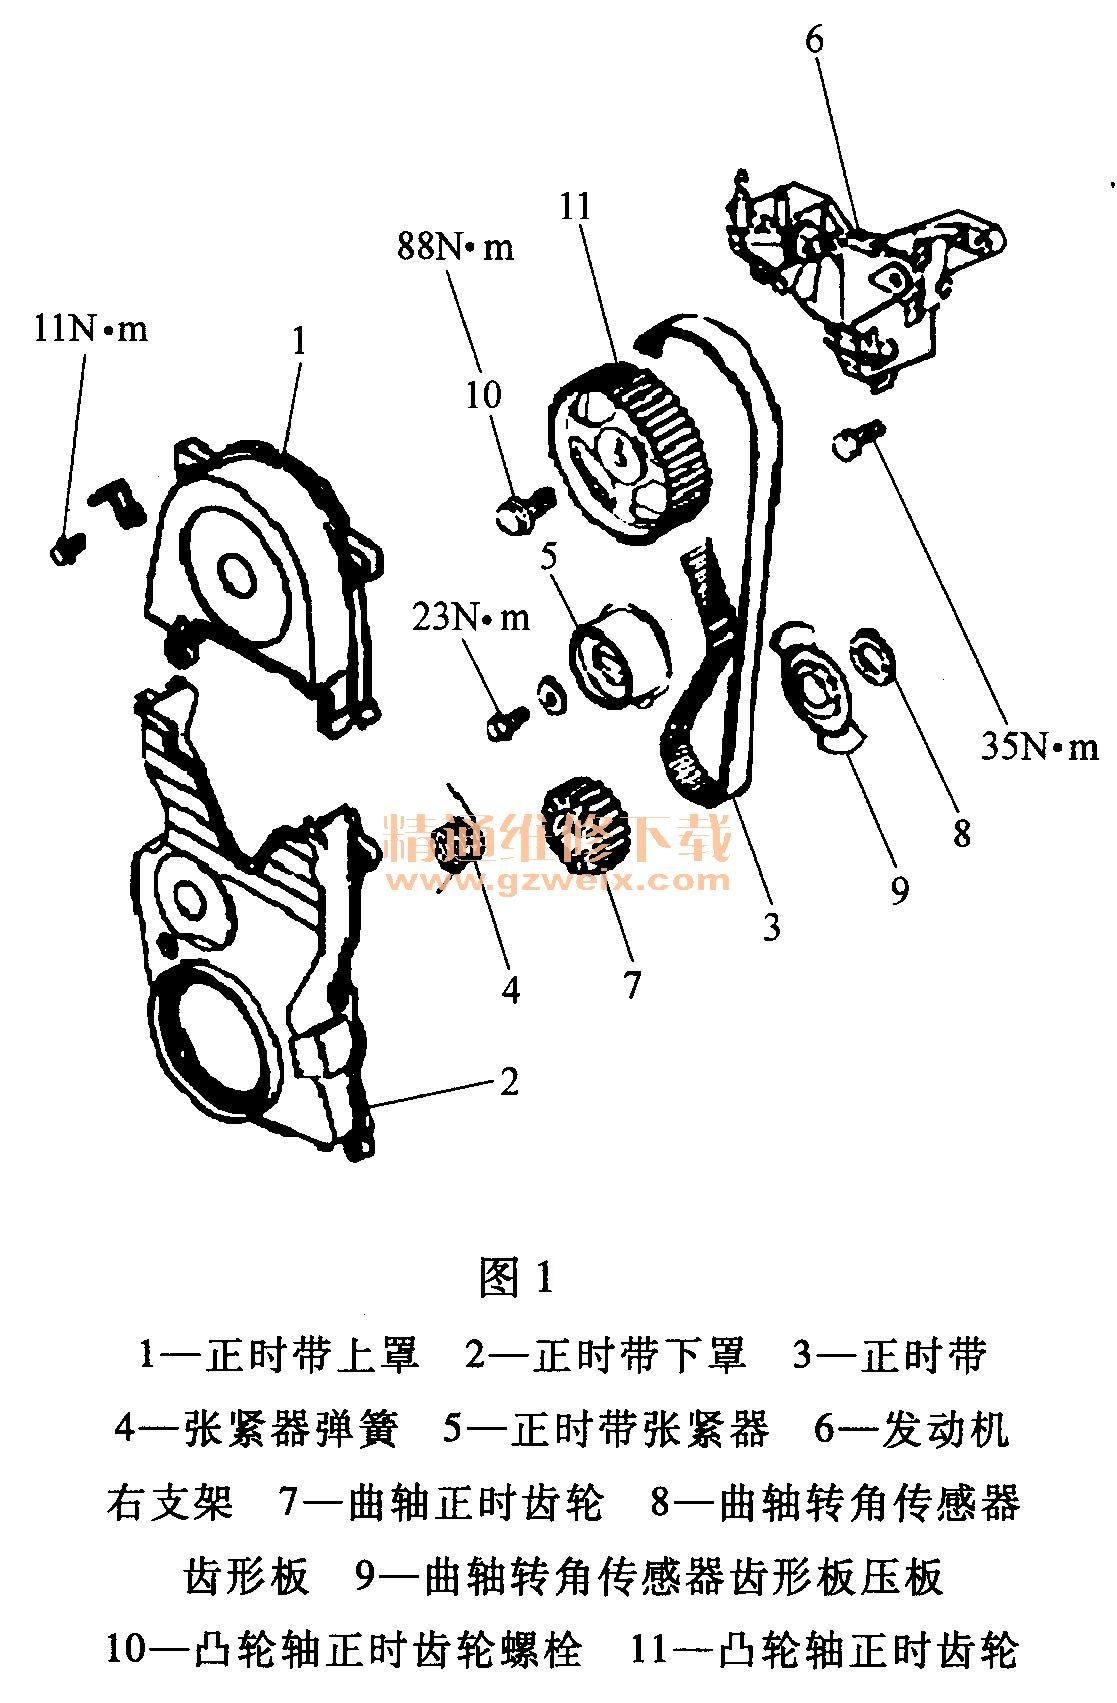 比亚迪f3(4g18/4g15s)发动机正时传动带拆卸方法